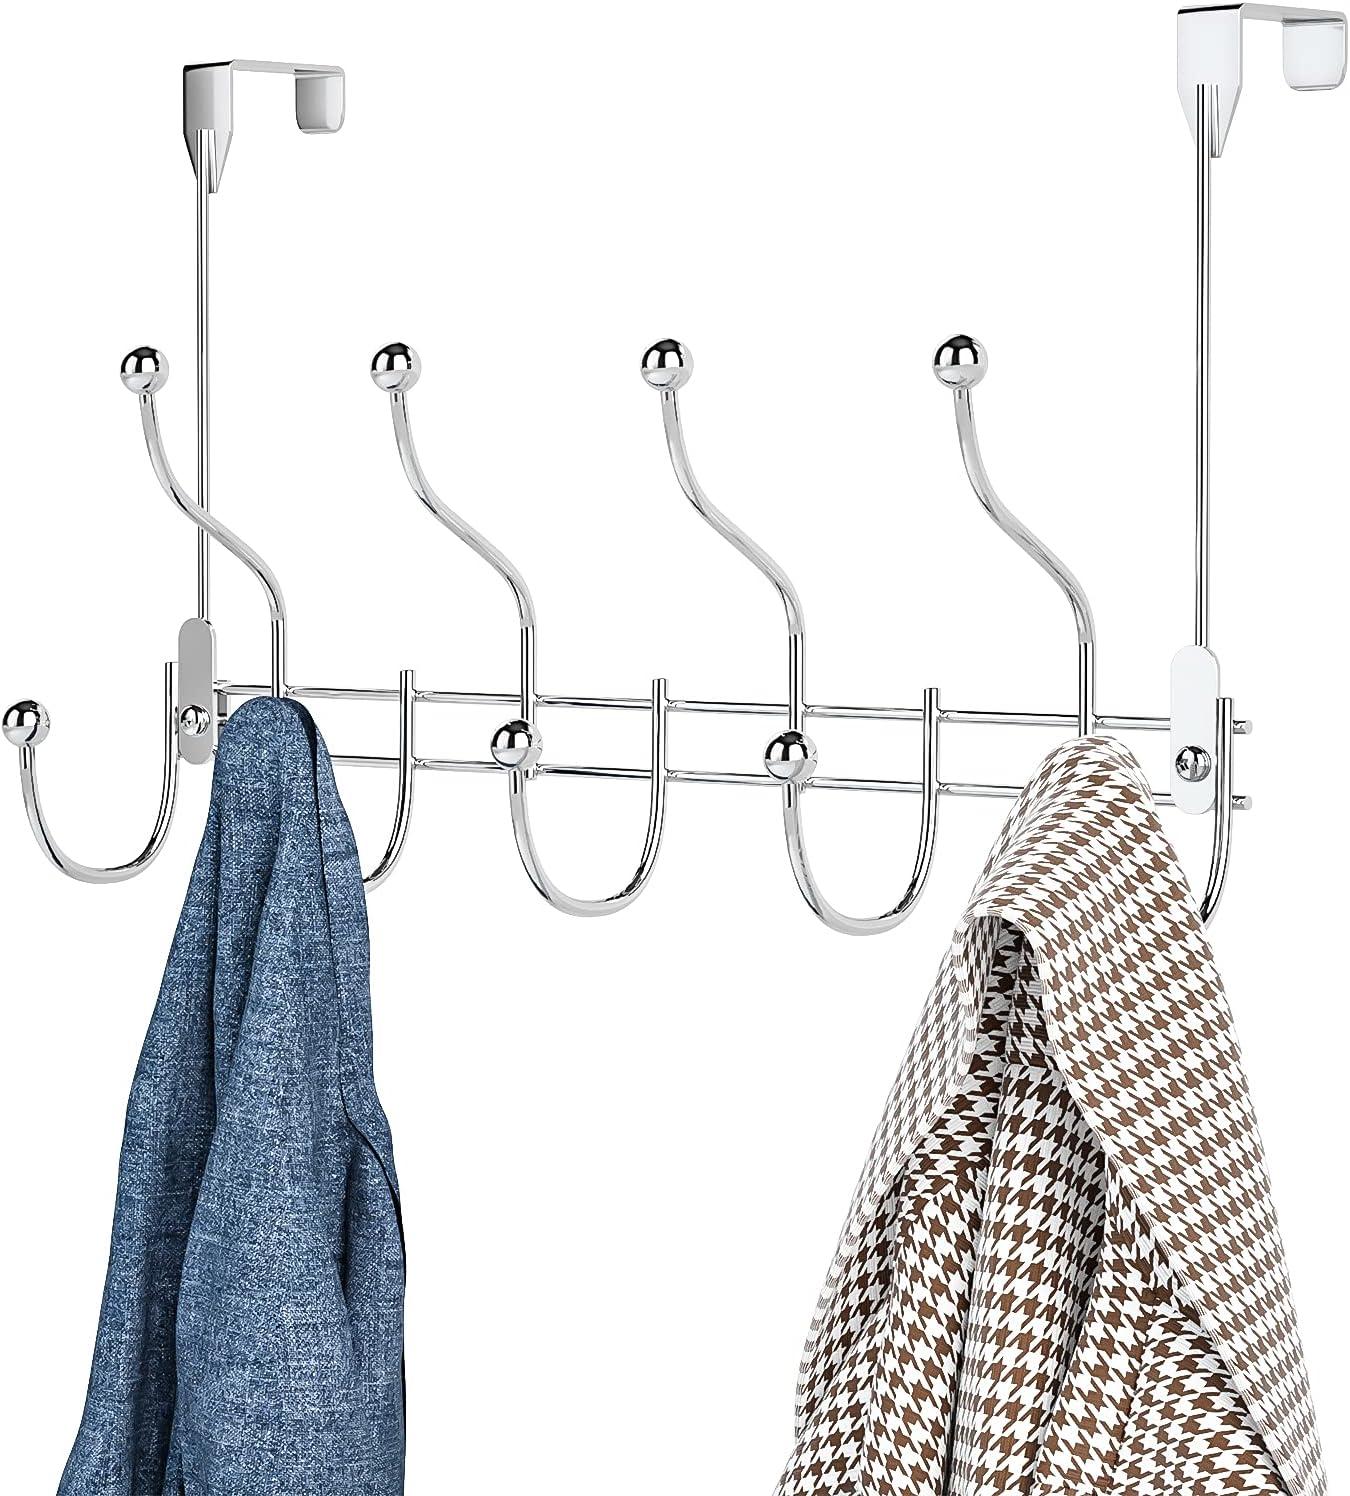 overseas Over Door Towel Rack Translated Hook Hanger 9 with C Hooks Heavy-Duty